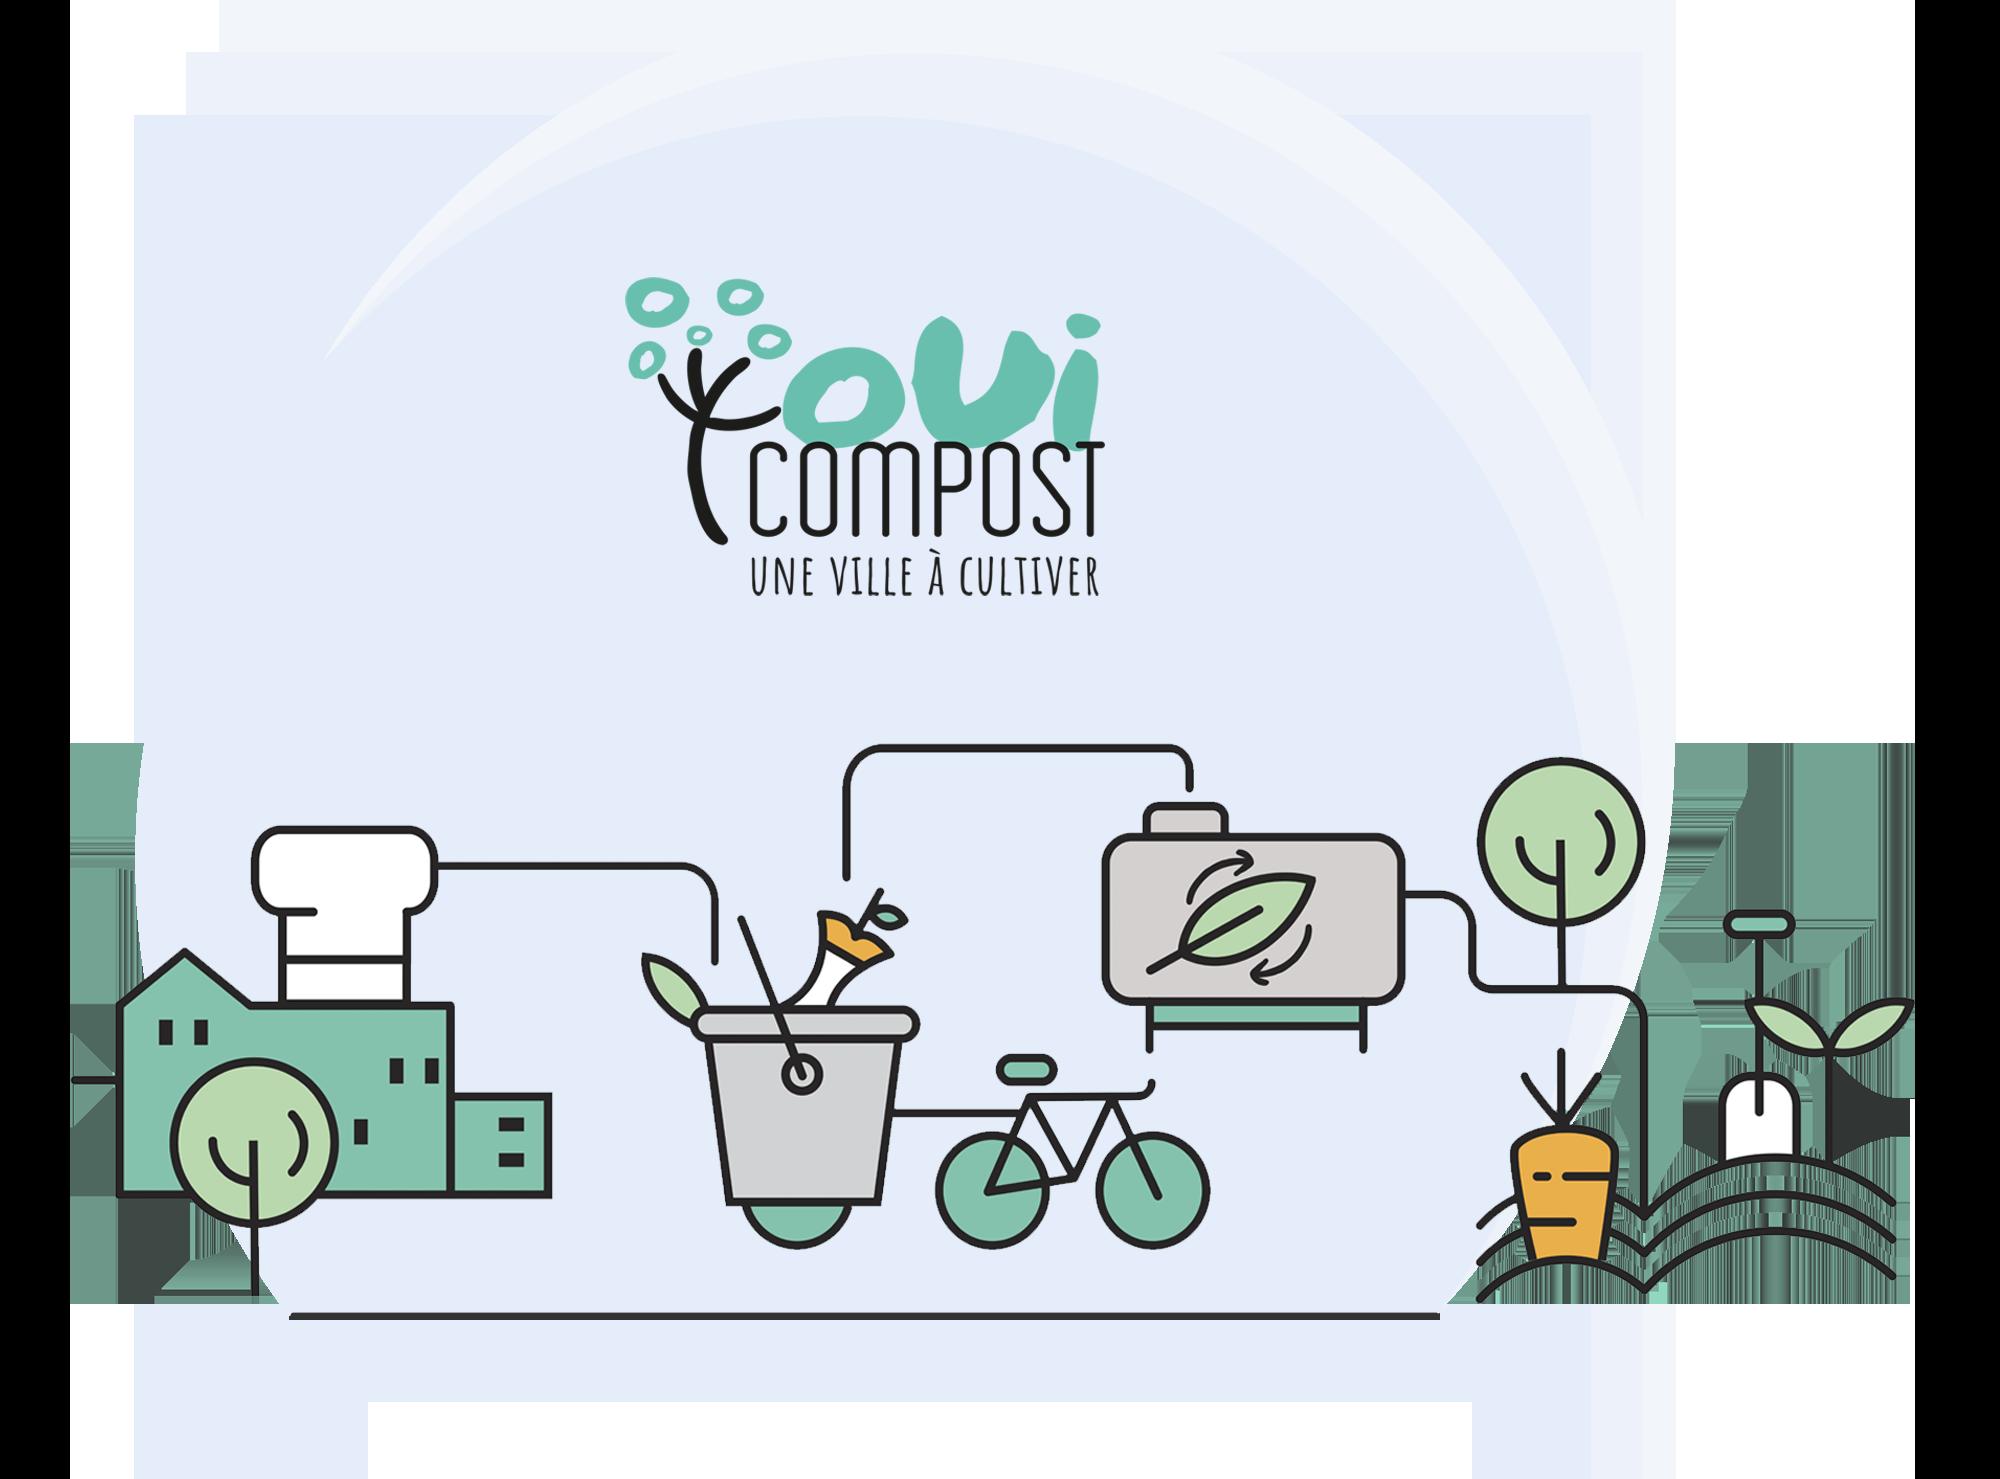 Collecte à vélo pour valoriser les déchets alimentaires